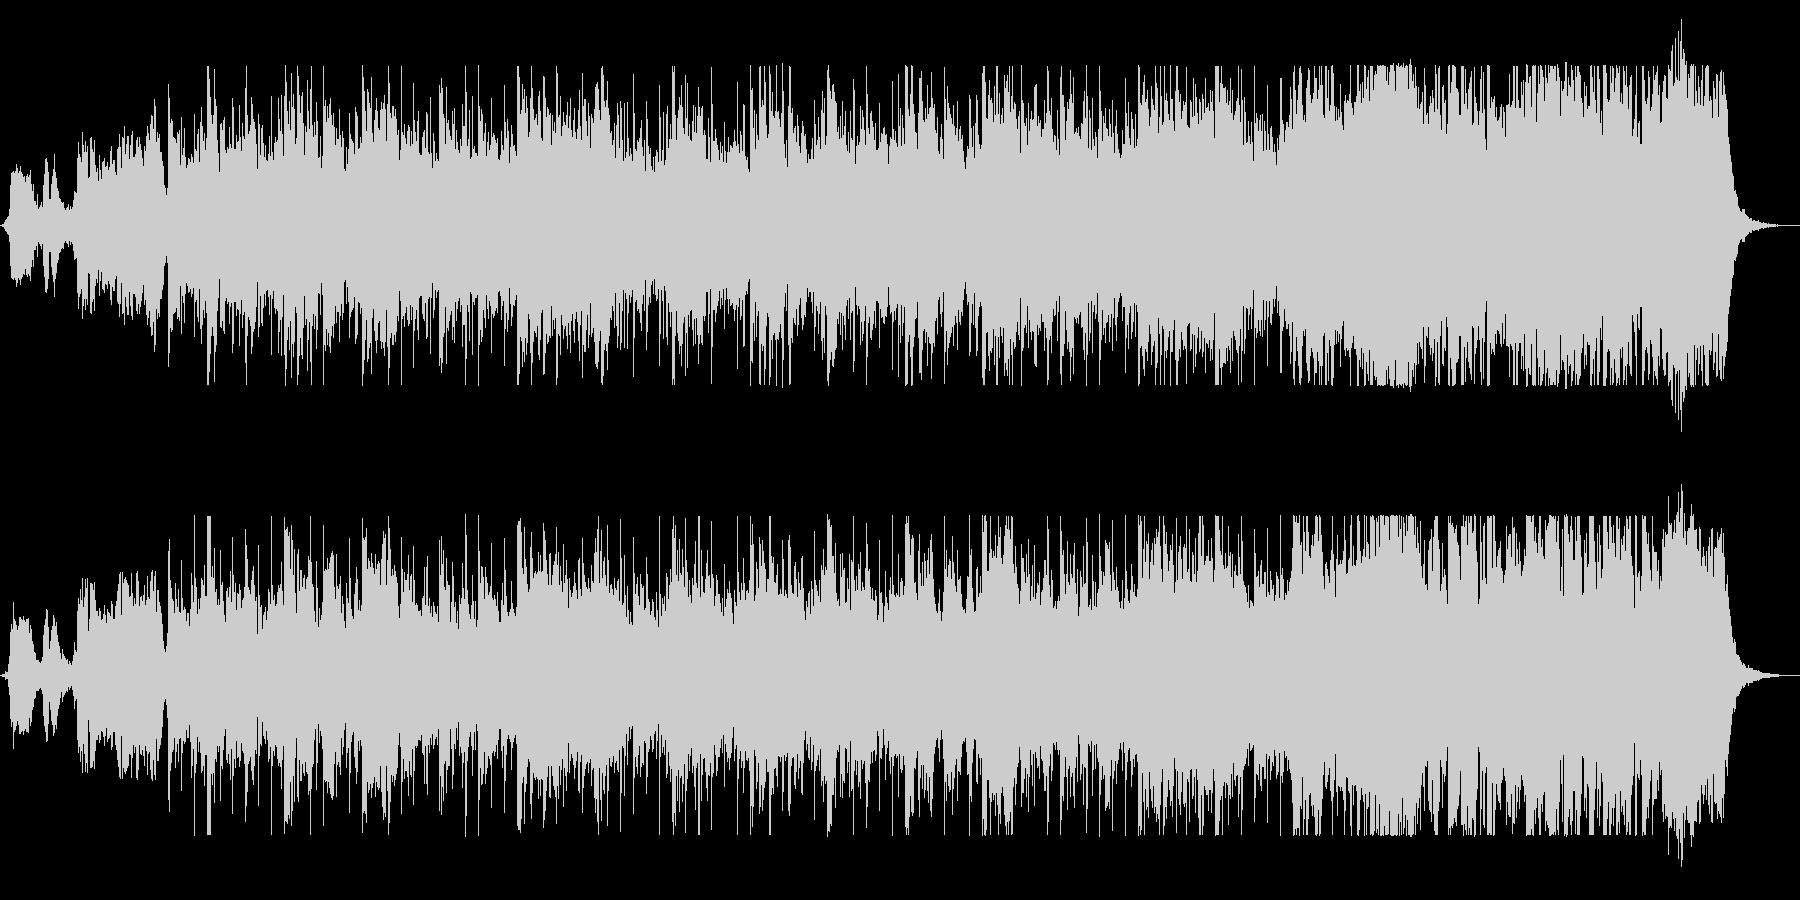 ドラムの音が耳に残るコーラス曲の未再生の波形